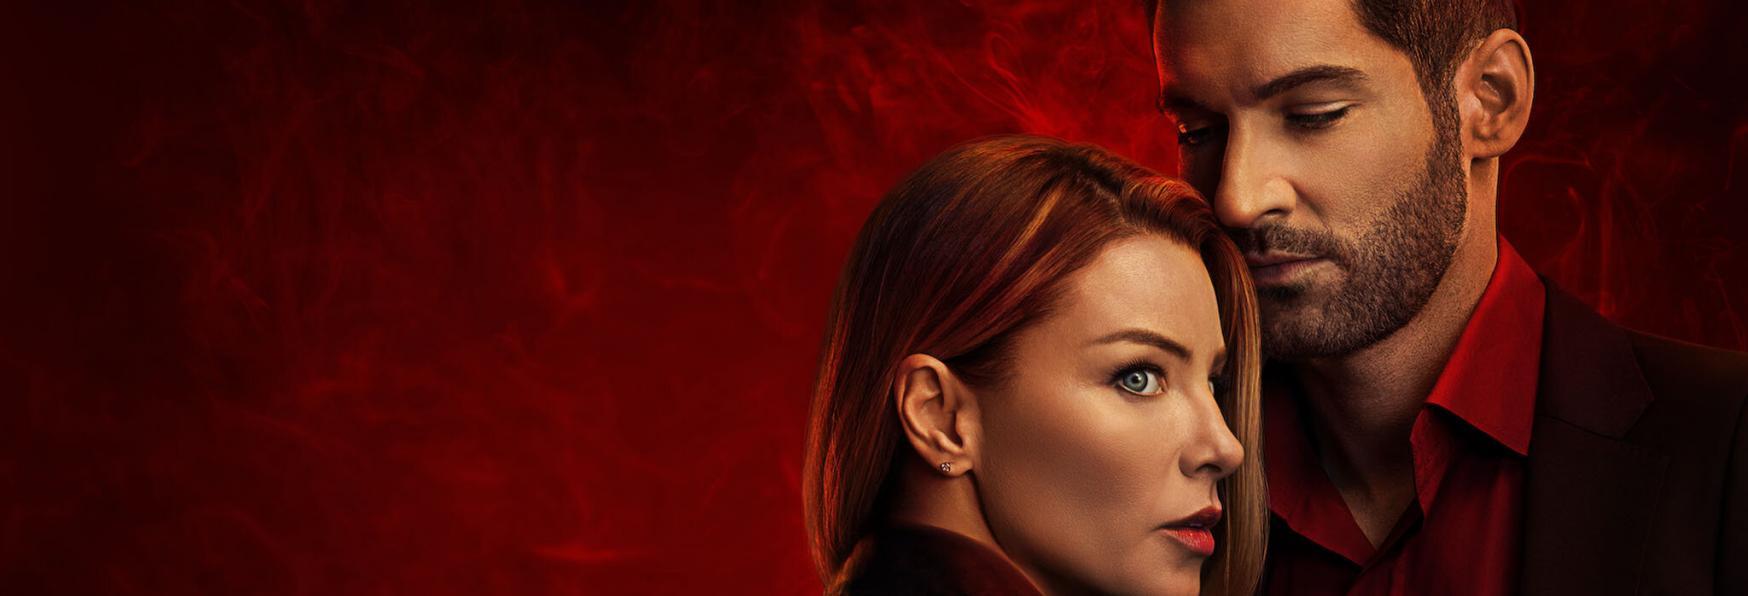 Lucifer 6: Ufficialmente iniziate le Riprese dell'ultima Stagione della Serie TV Netflix